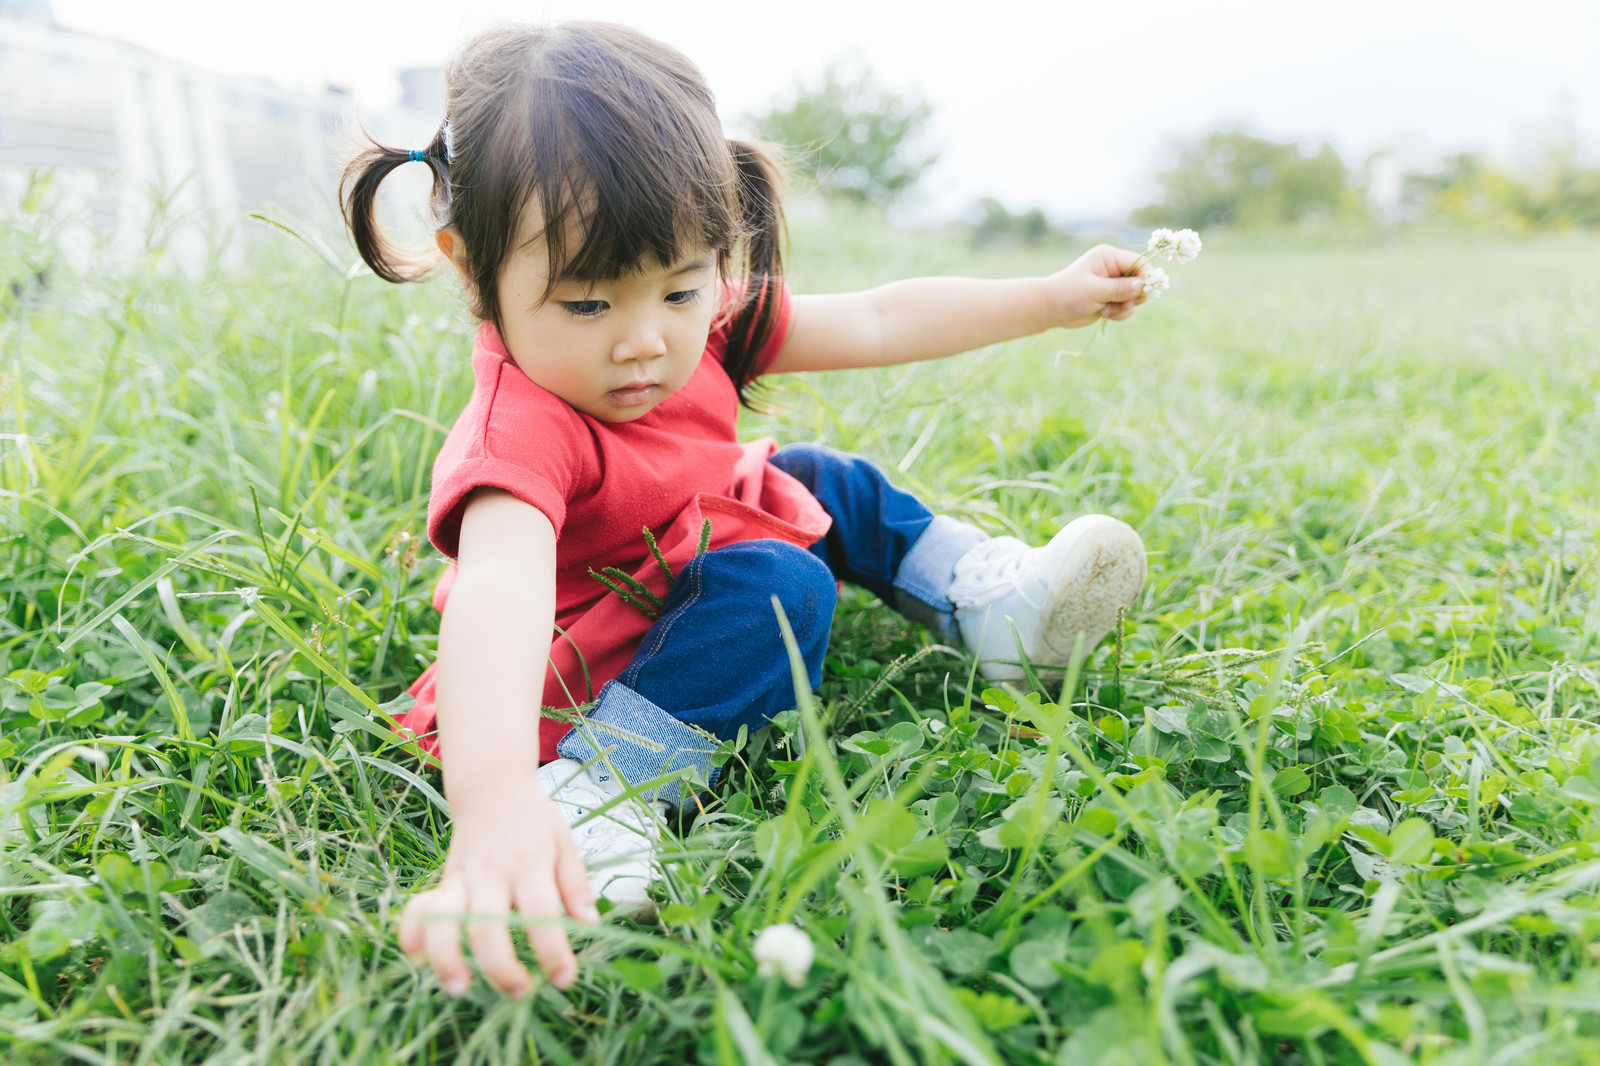 「シロツメクサを集める女の子」の写真[モデル:あおみどり]